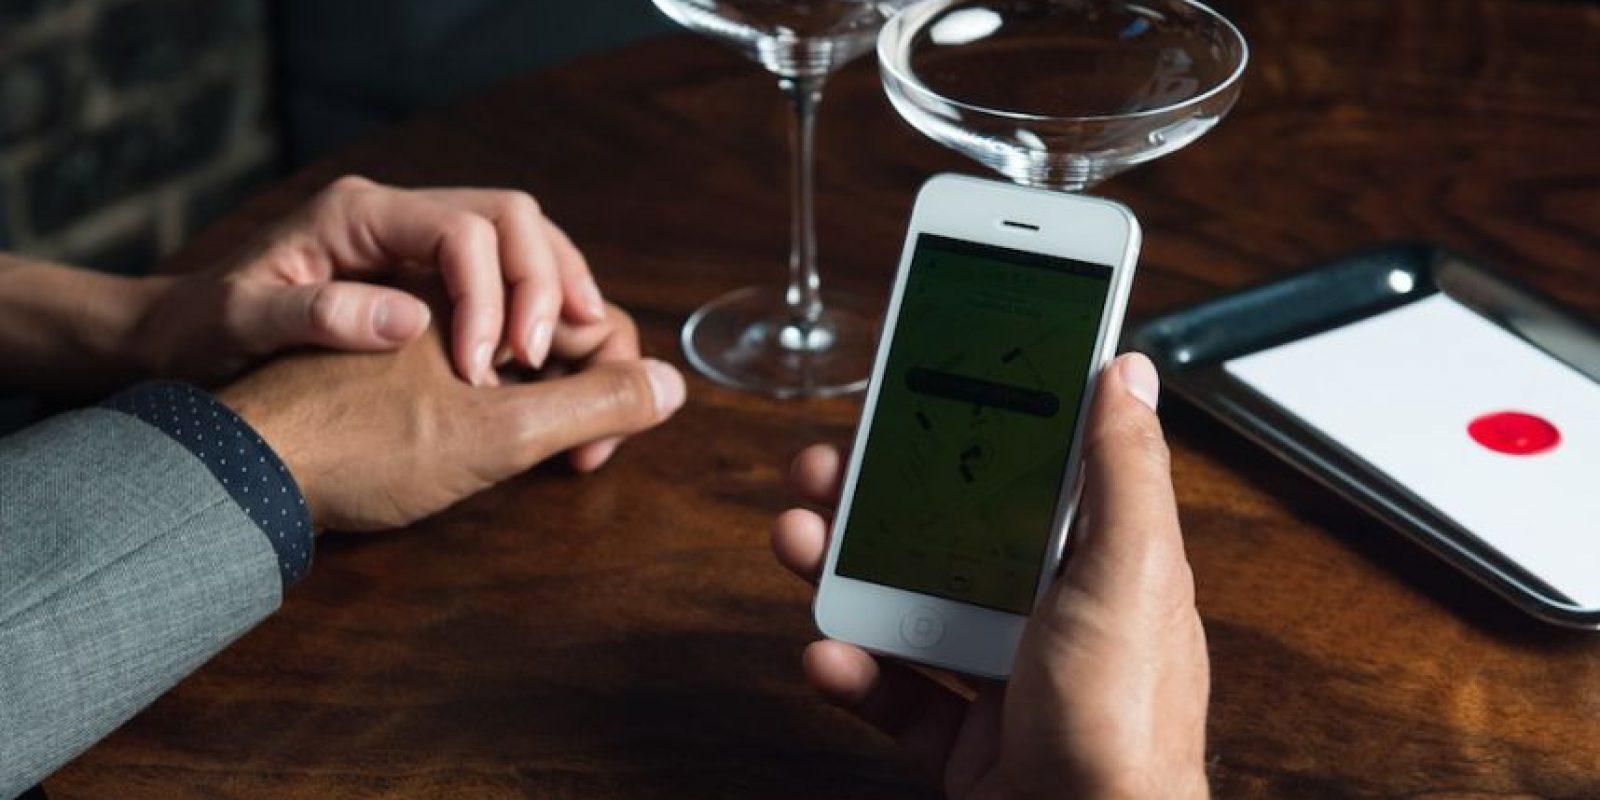 Uber utiliza multiplicadores de tarifa (1.5X sobre el precio estándar, 2X y así en adelante) para equilibrar la oferta y demanda. El sistema actualiza este multiplicador cada cinco minutos, para ajustar las tarifas de acuerdo a los últimos resultados del monitoreo. Foto:Uber